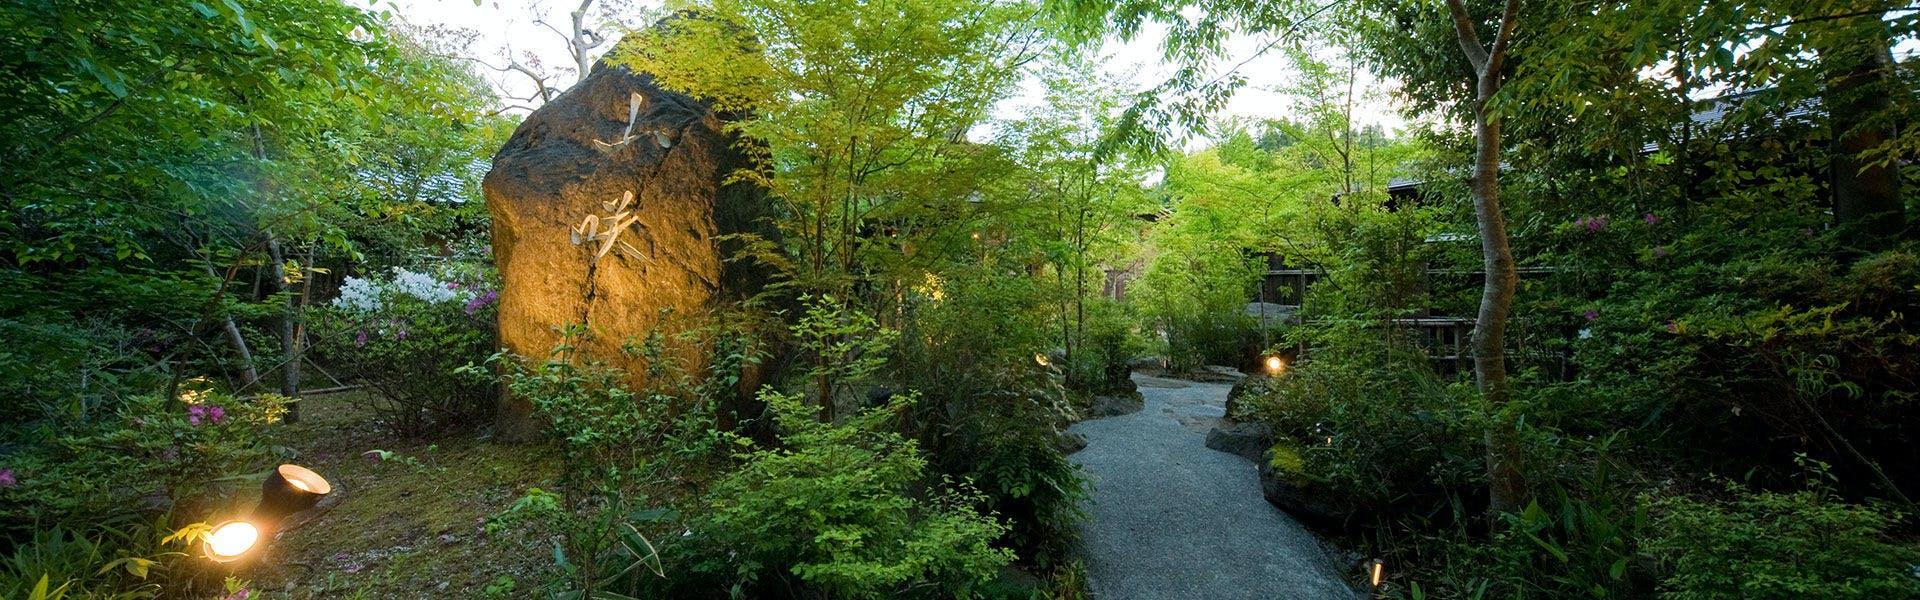 記念日におすすめのホテル・離れ宿 山咲の写真2